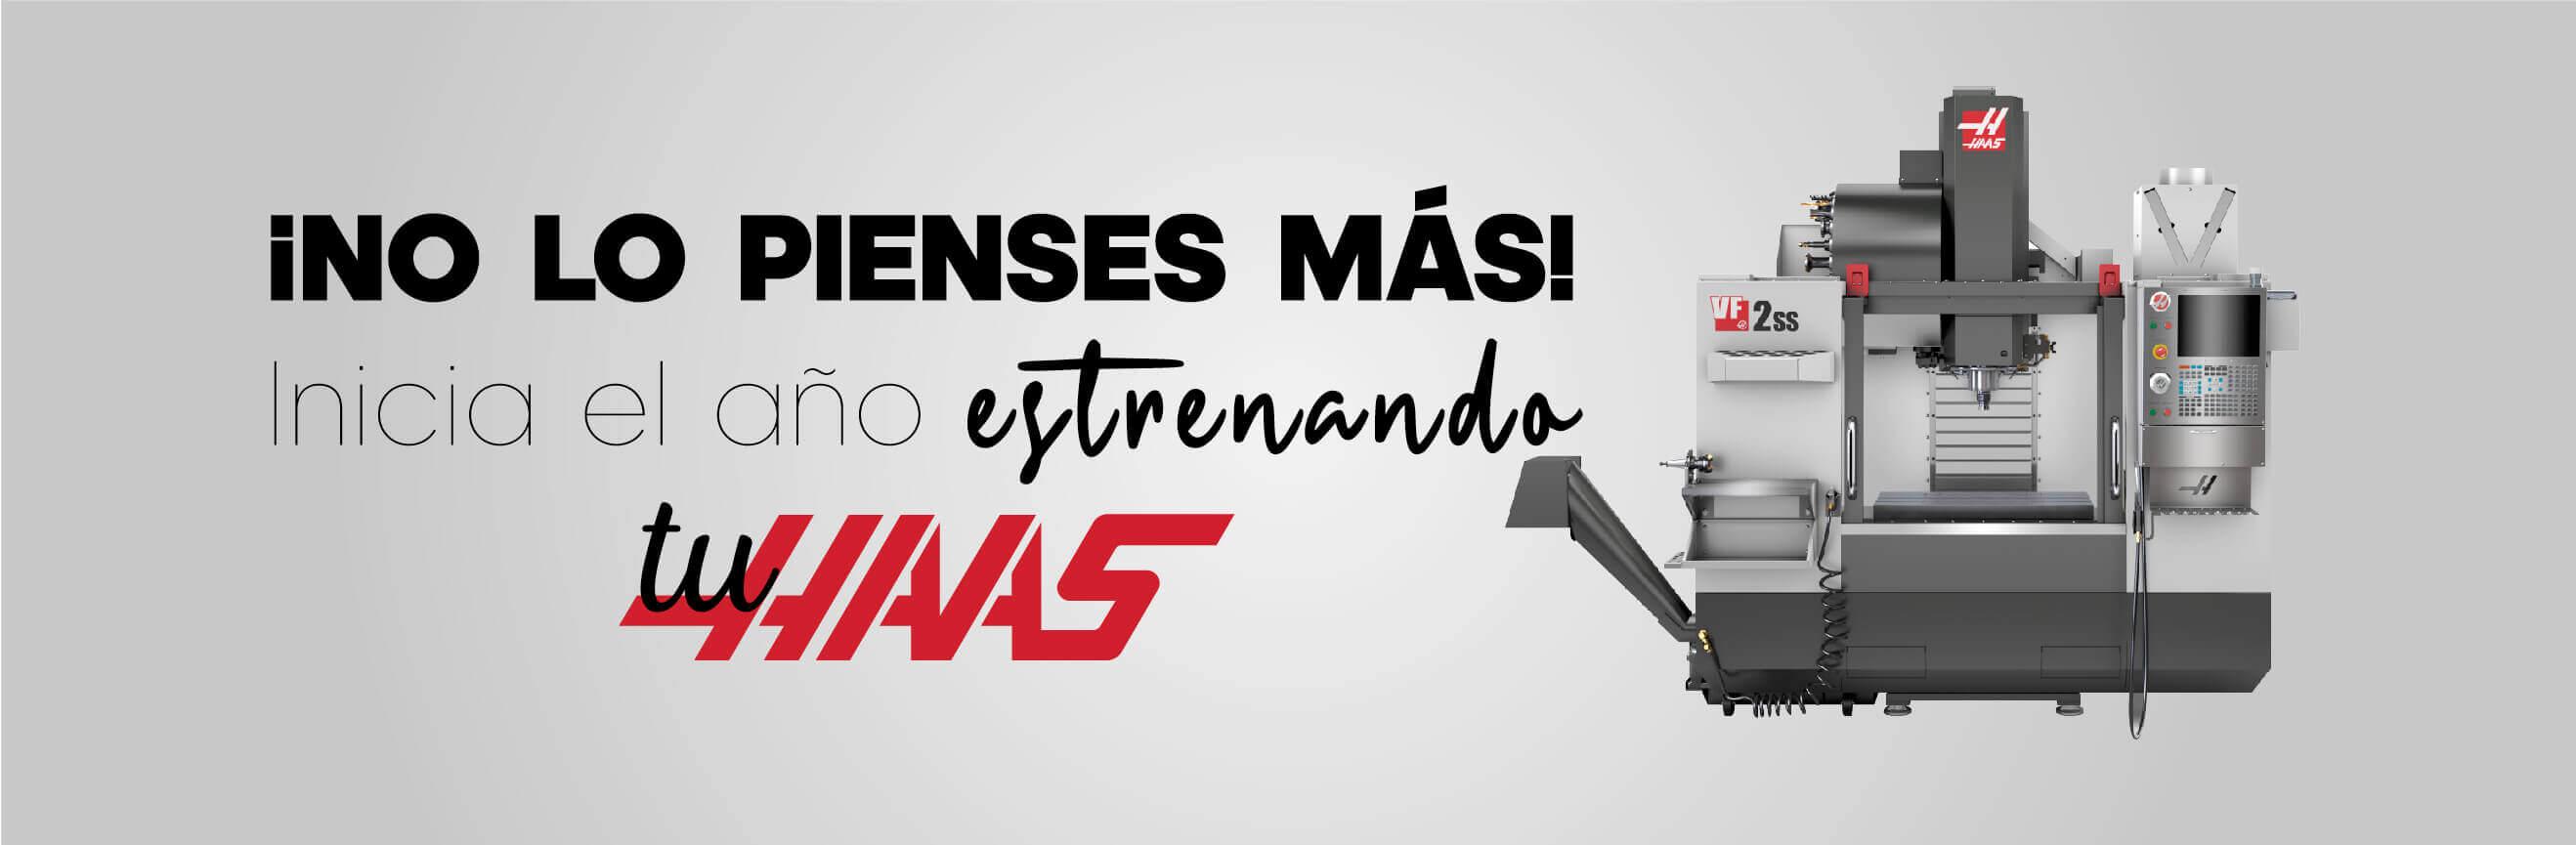 Promocion enero Haas Mexico